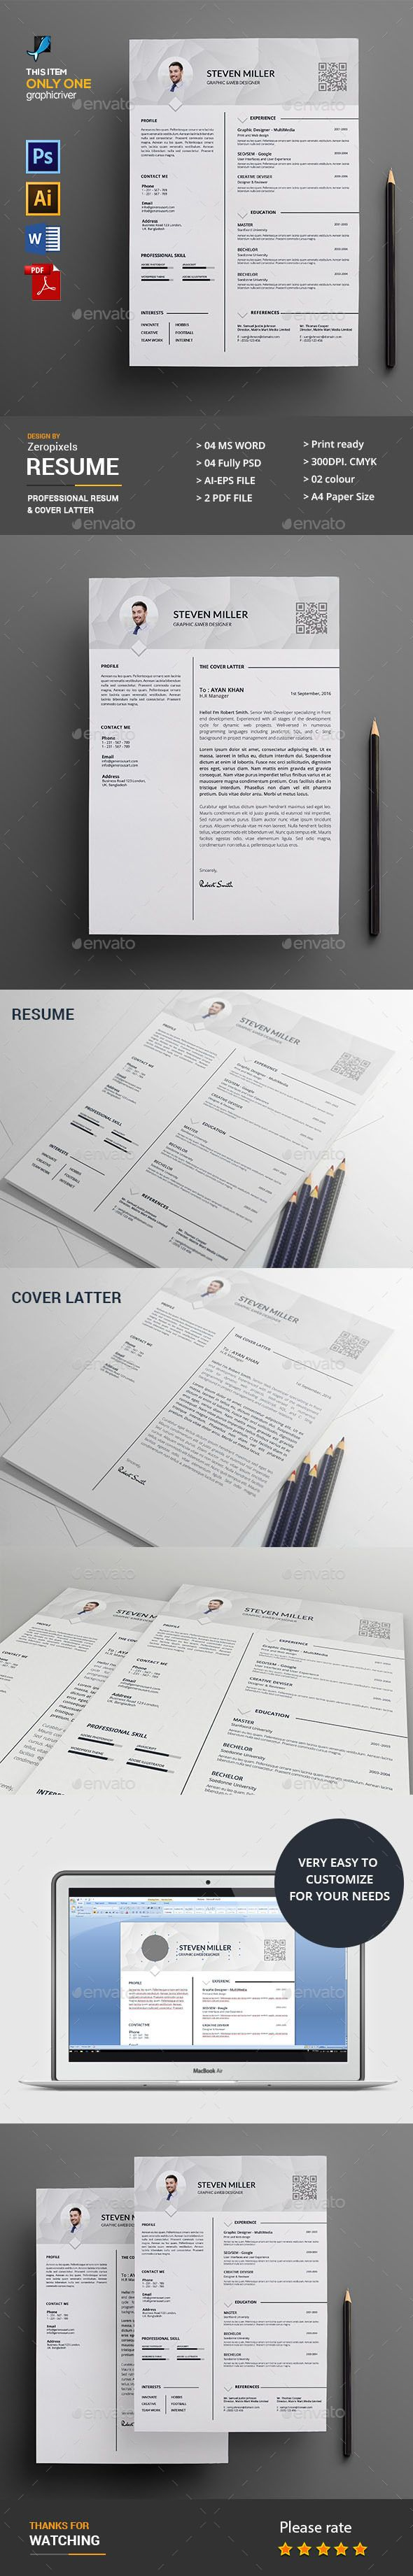 17 besten CV Bilder auf Pinterest | Infografik, Farben und ...